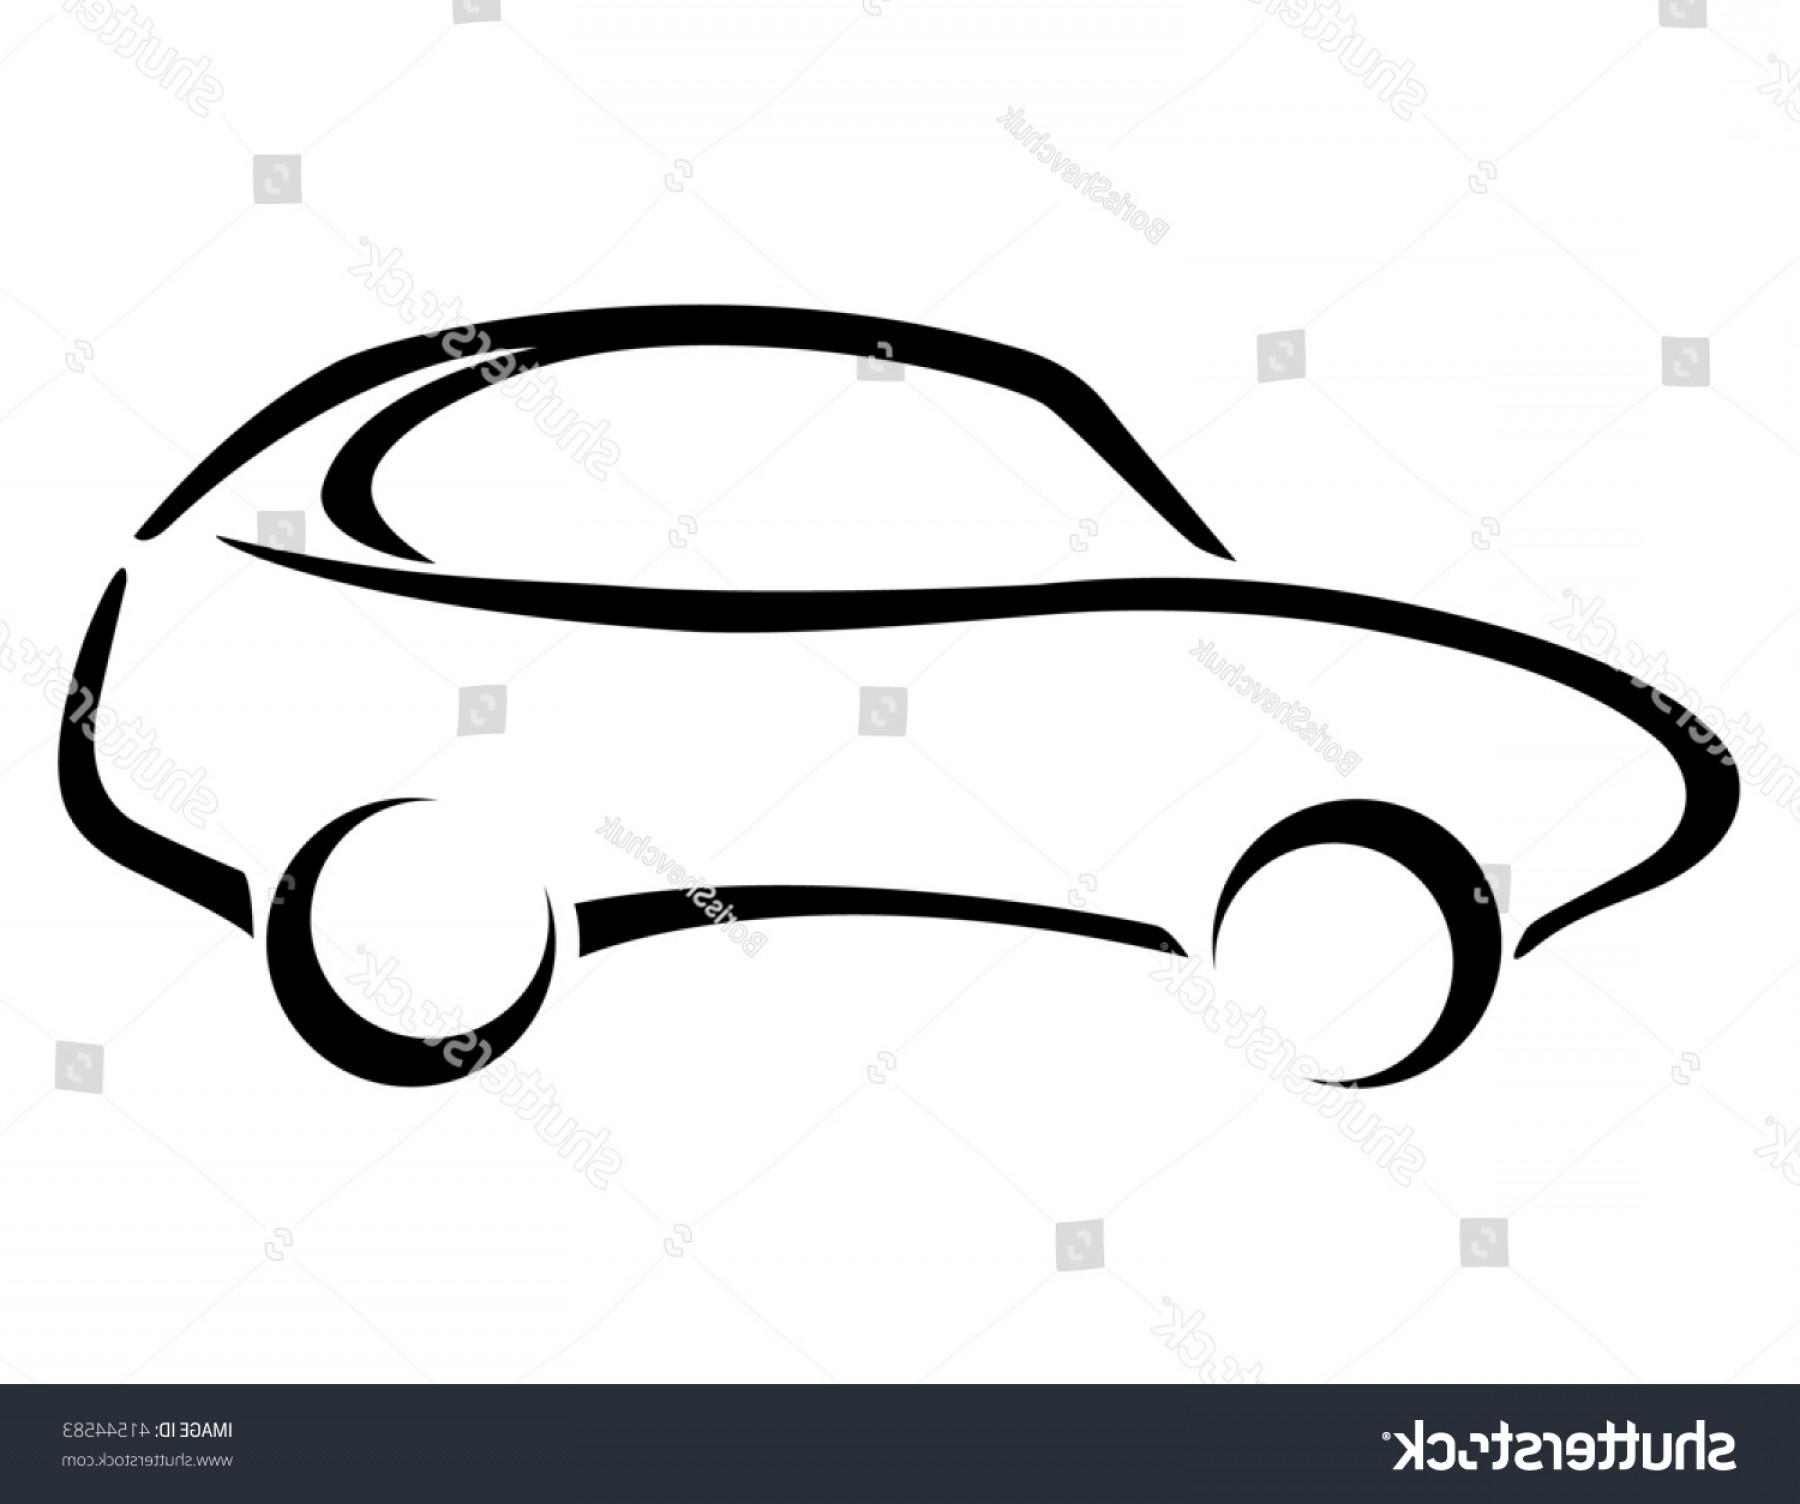 1800x1504 Car Silhouette Vector Art Lazttweet